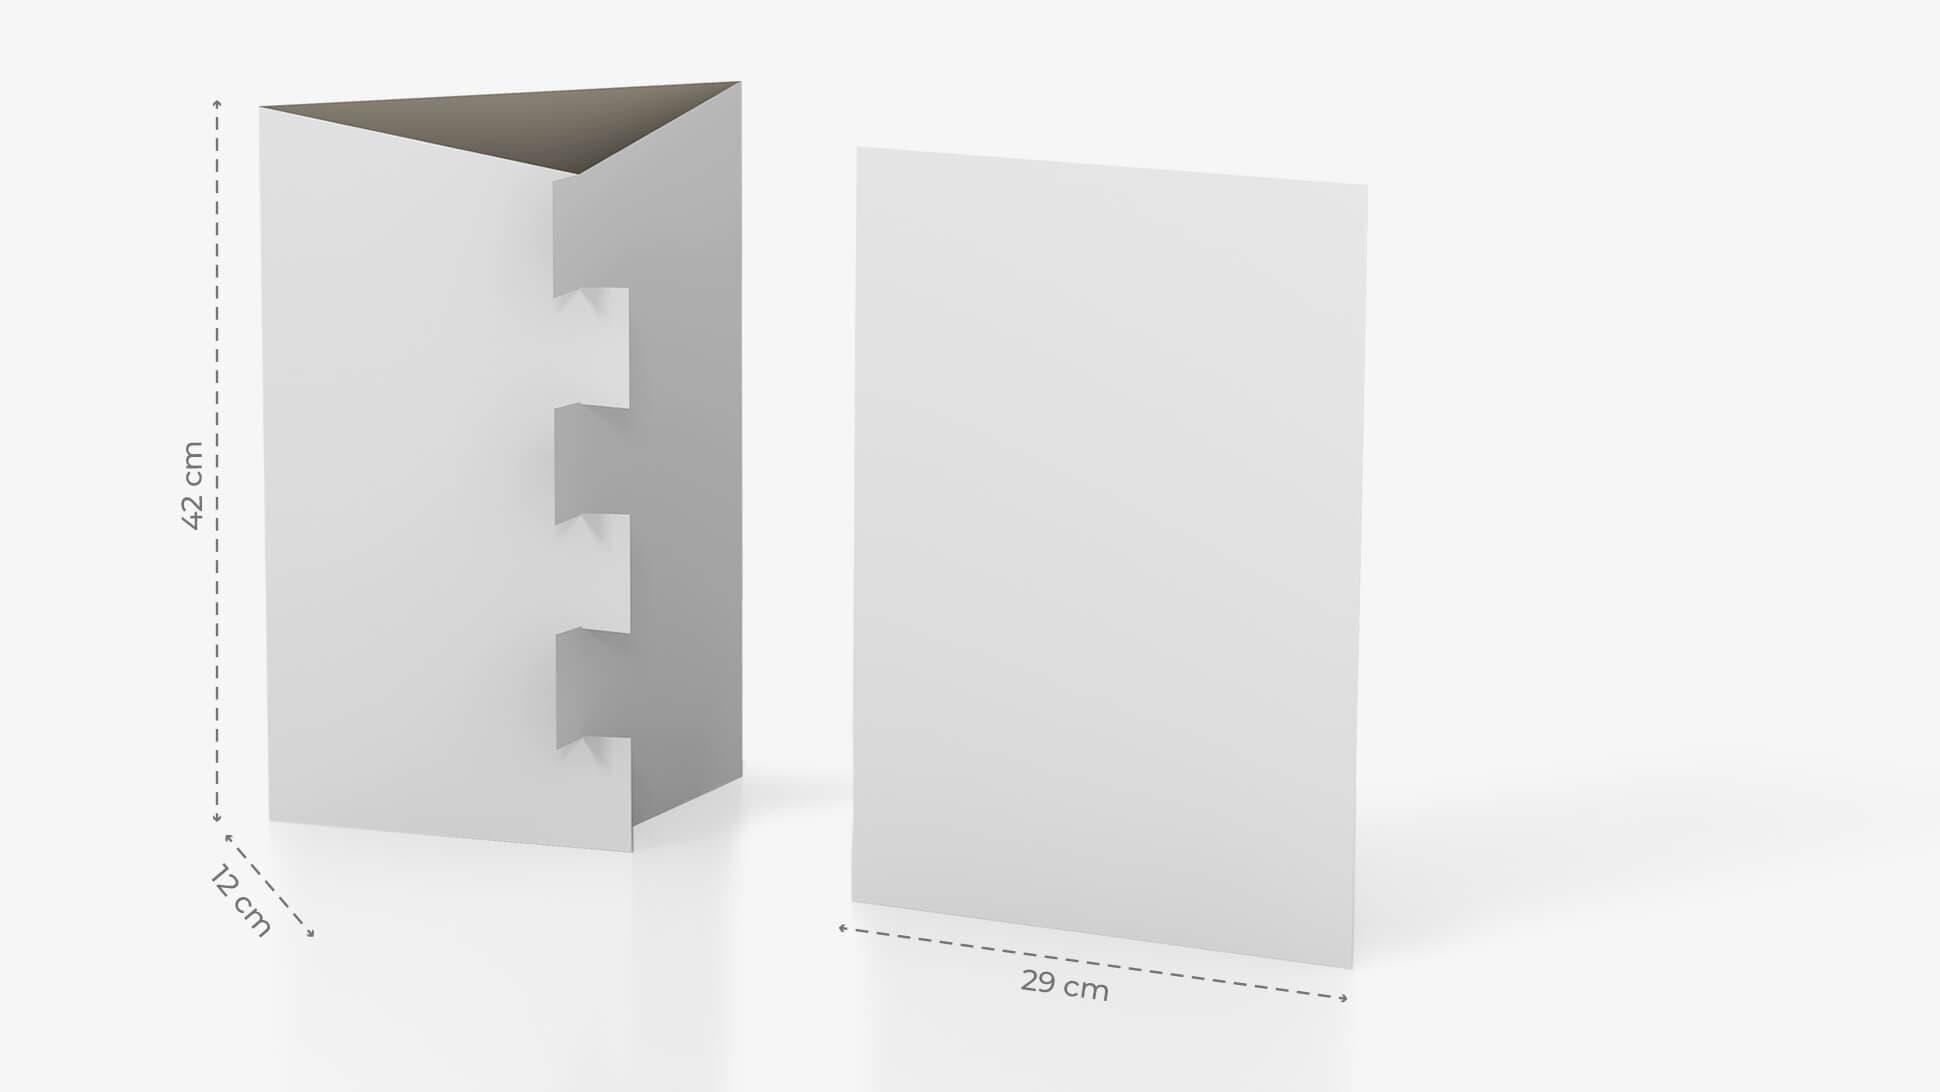 Espositore da banco A3 con incastro e grafica personalizzabile | tictac.it